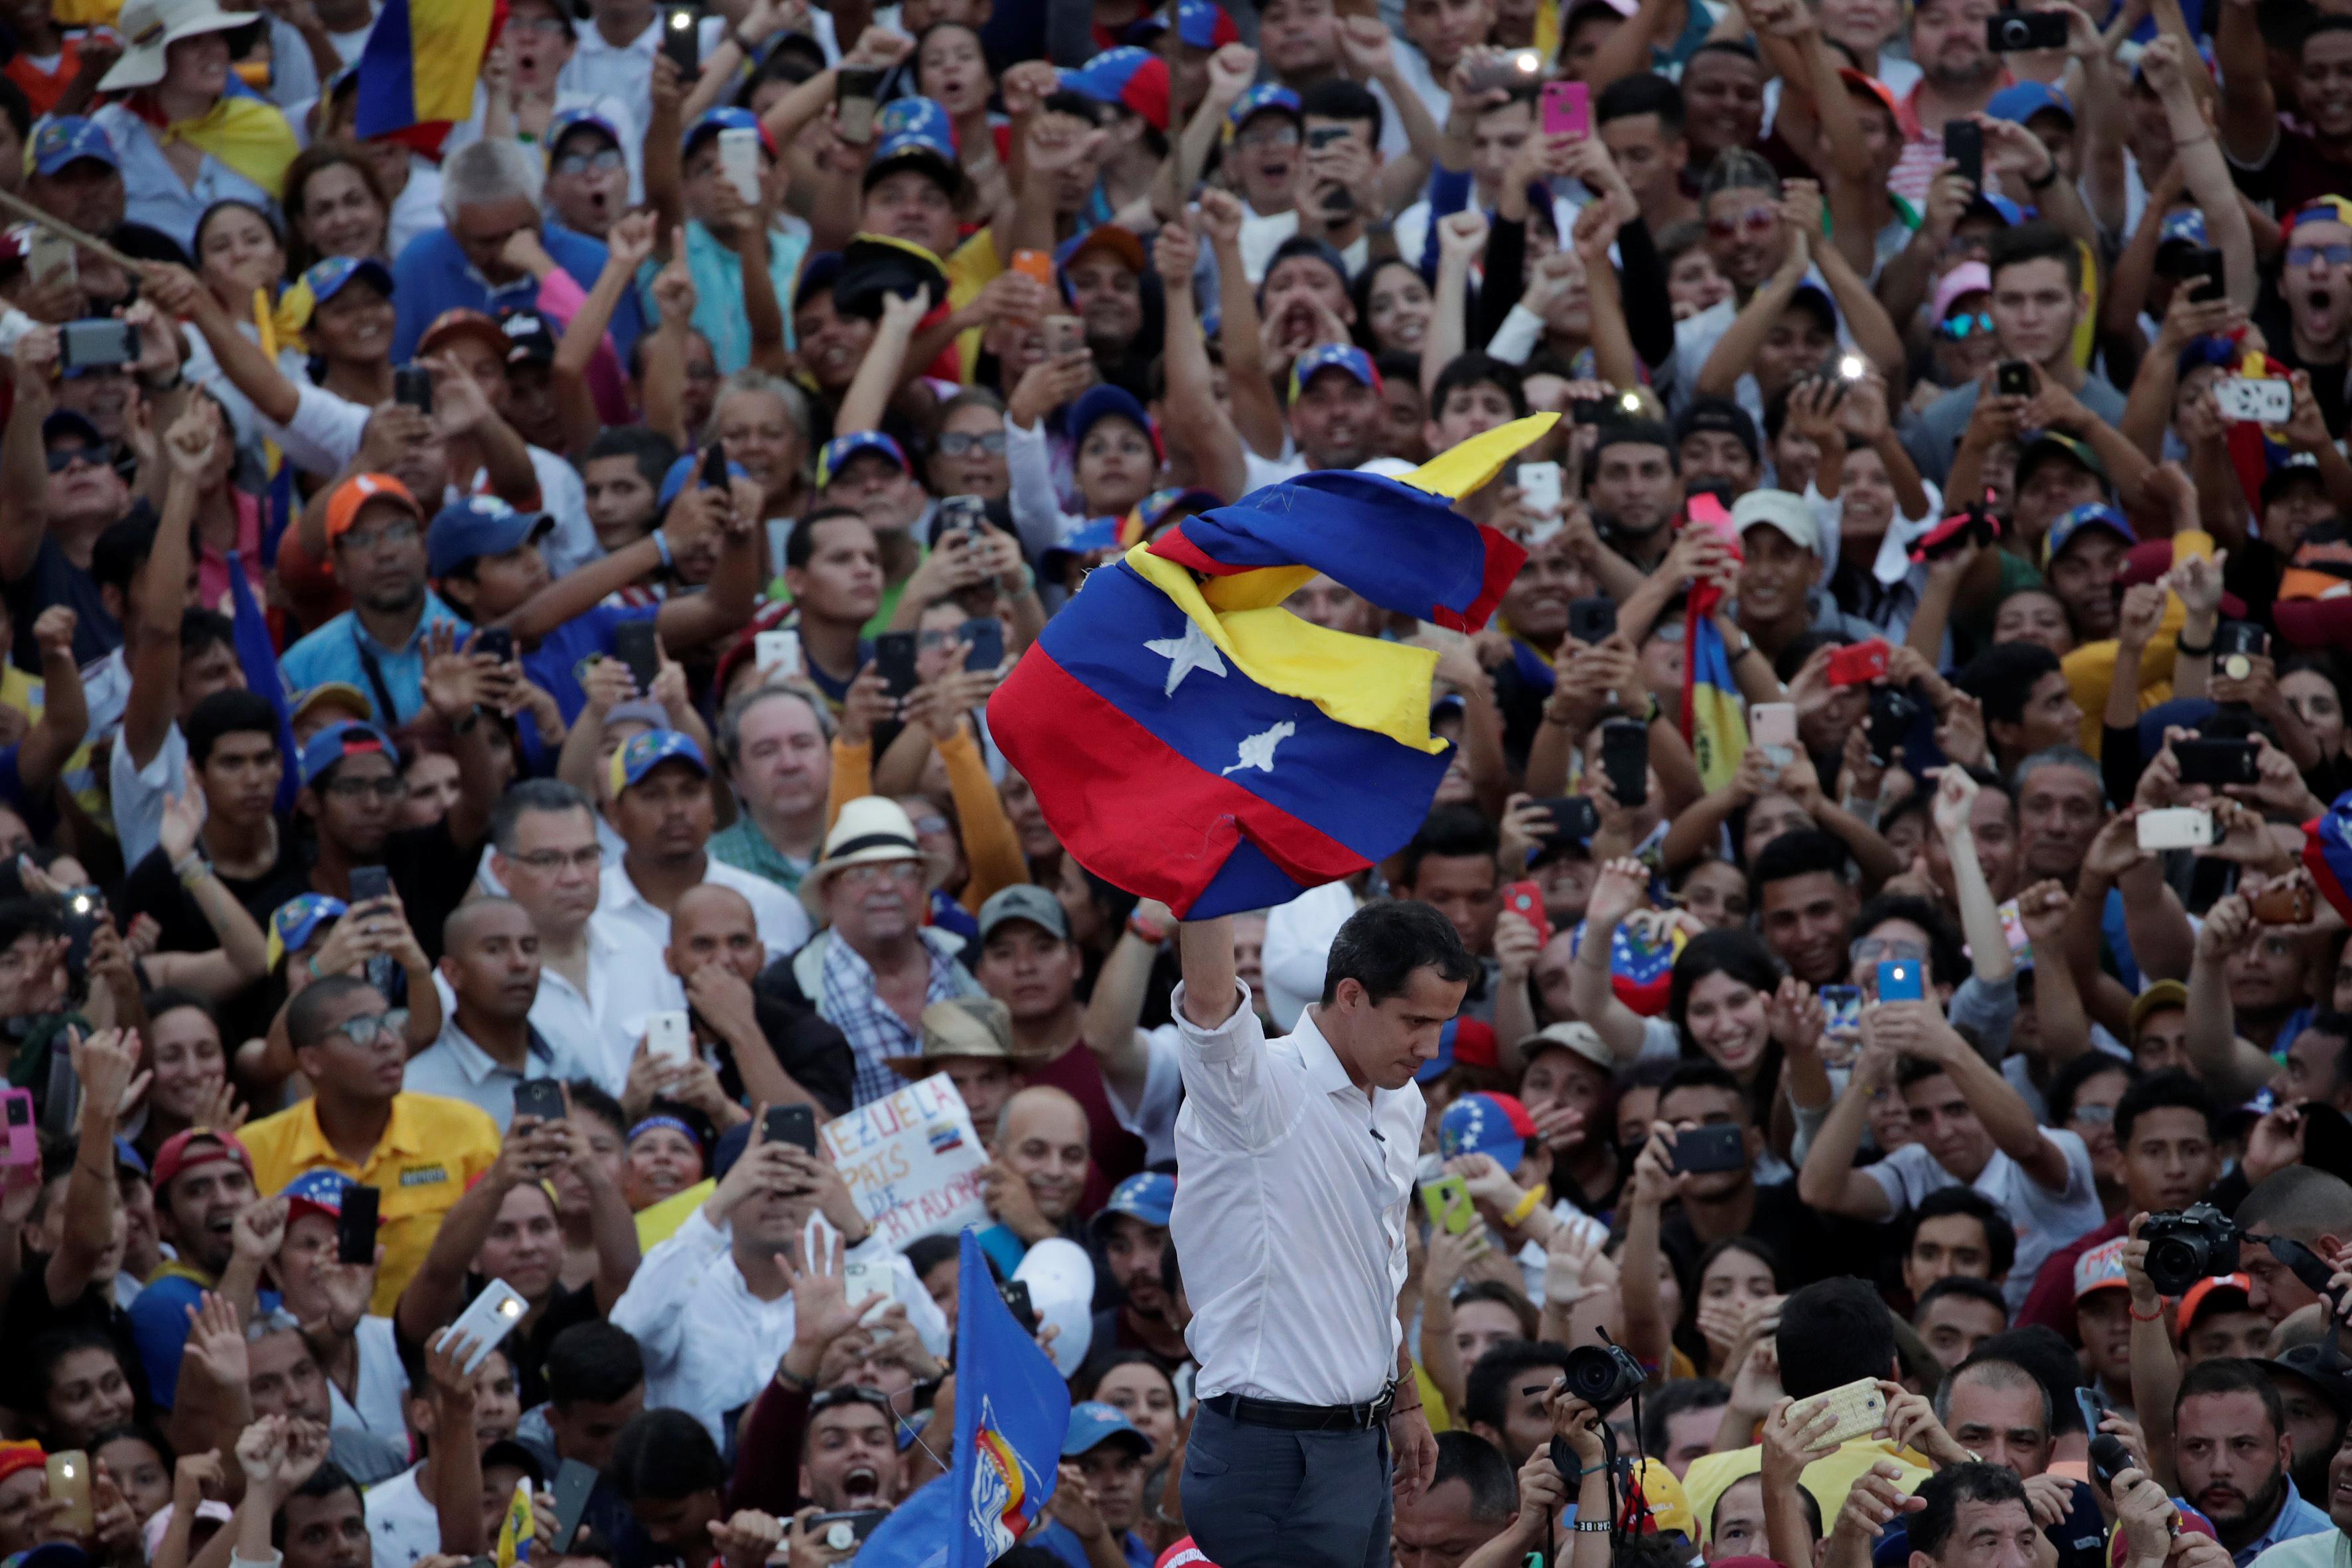 زعيم المعارضة الفنزويلية جوايدو يشارك في مظاهرة خلال زيارته لماراكايبو 7